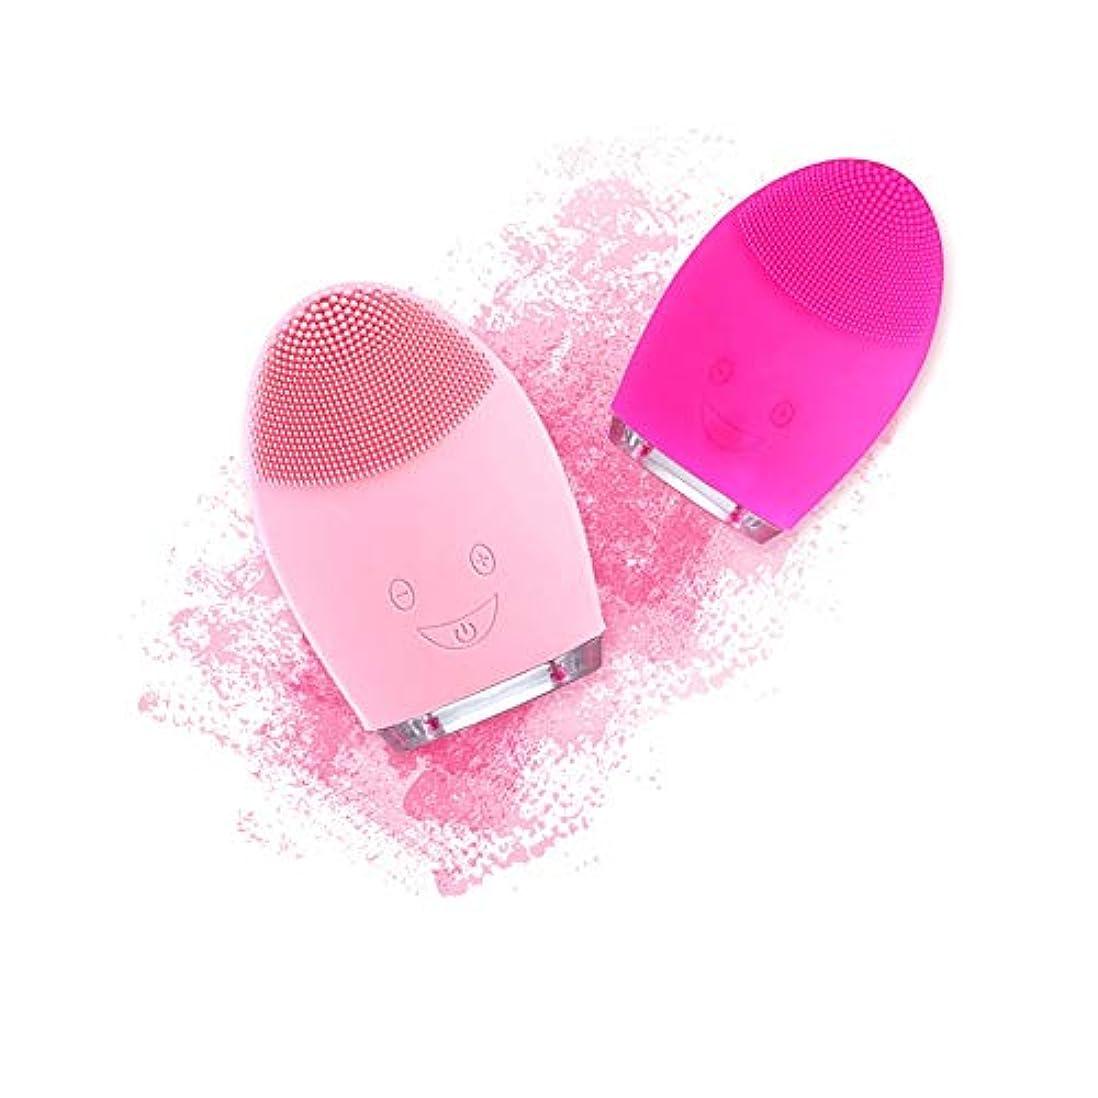 敗北食欲真っ逆さまZXF USB充電式シリコンクレンジング楽器超音波洗顔毛穴きれいな防水美容器ピンク赤 滑らかである (色 : Red)